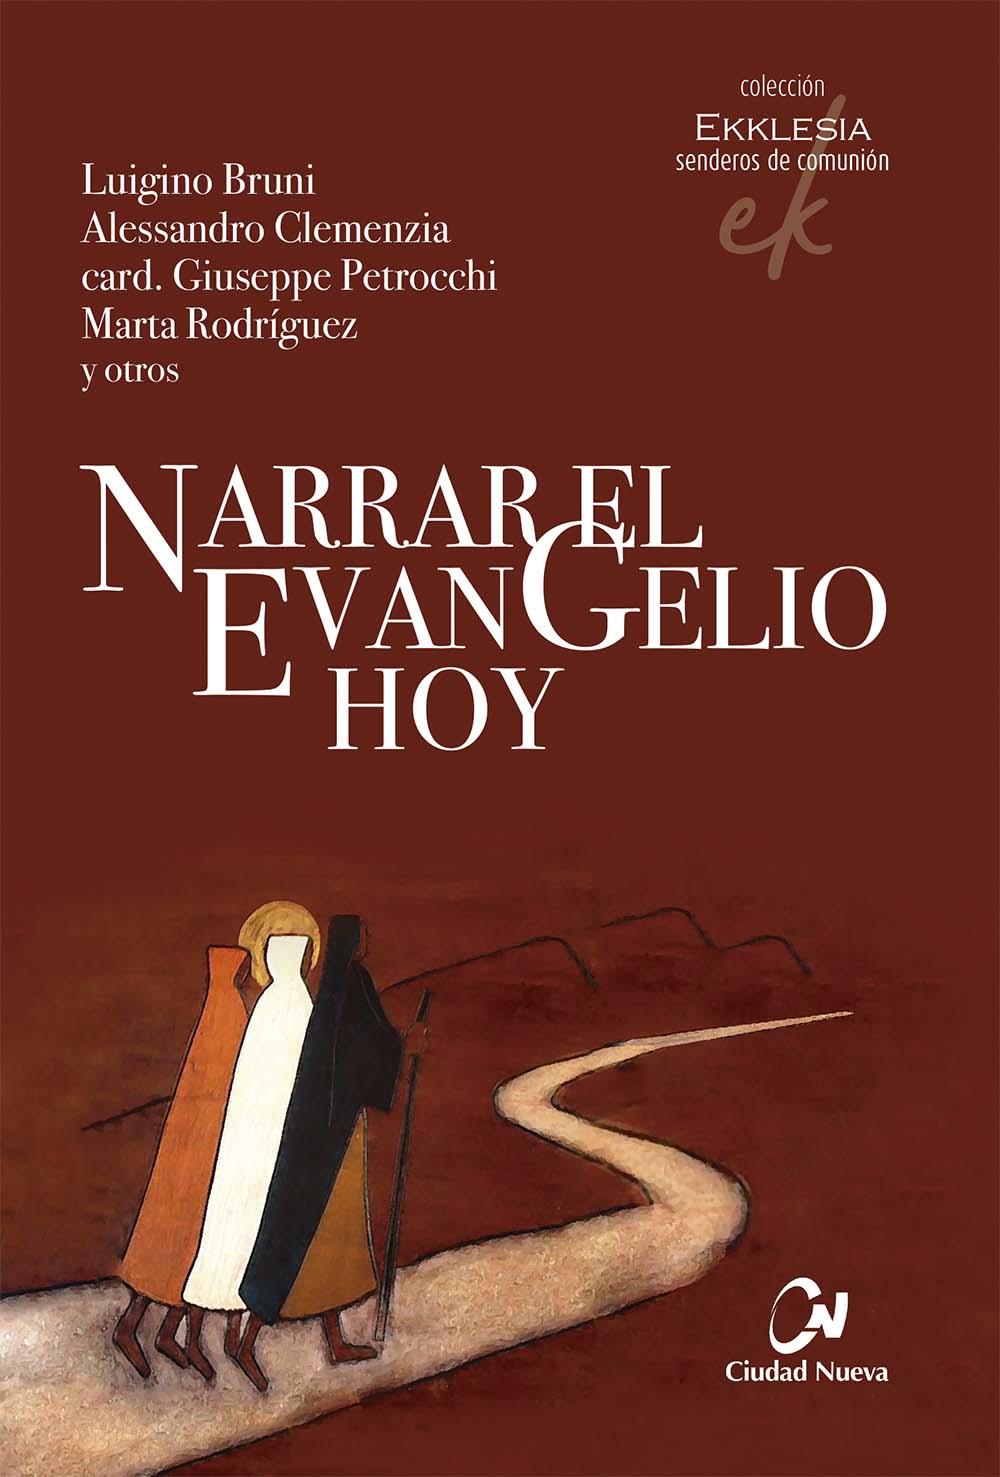 narrar-el-evangelio-hoy